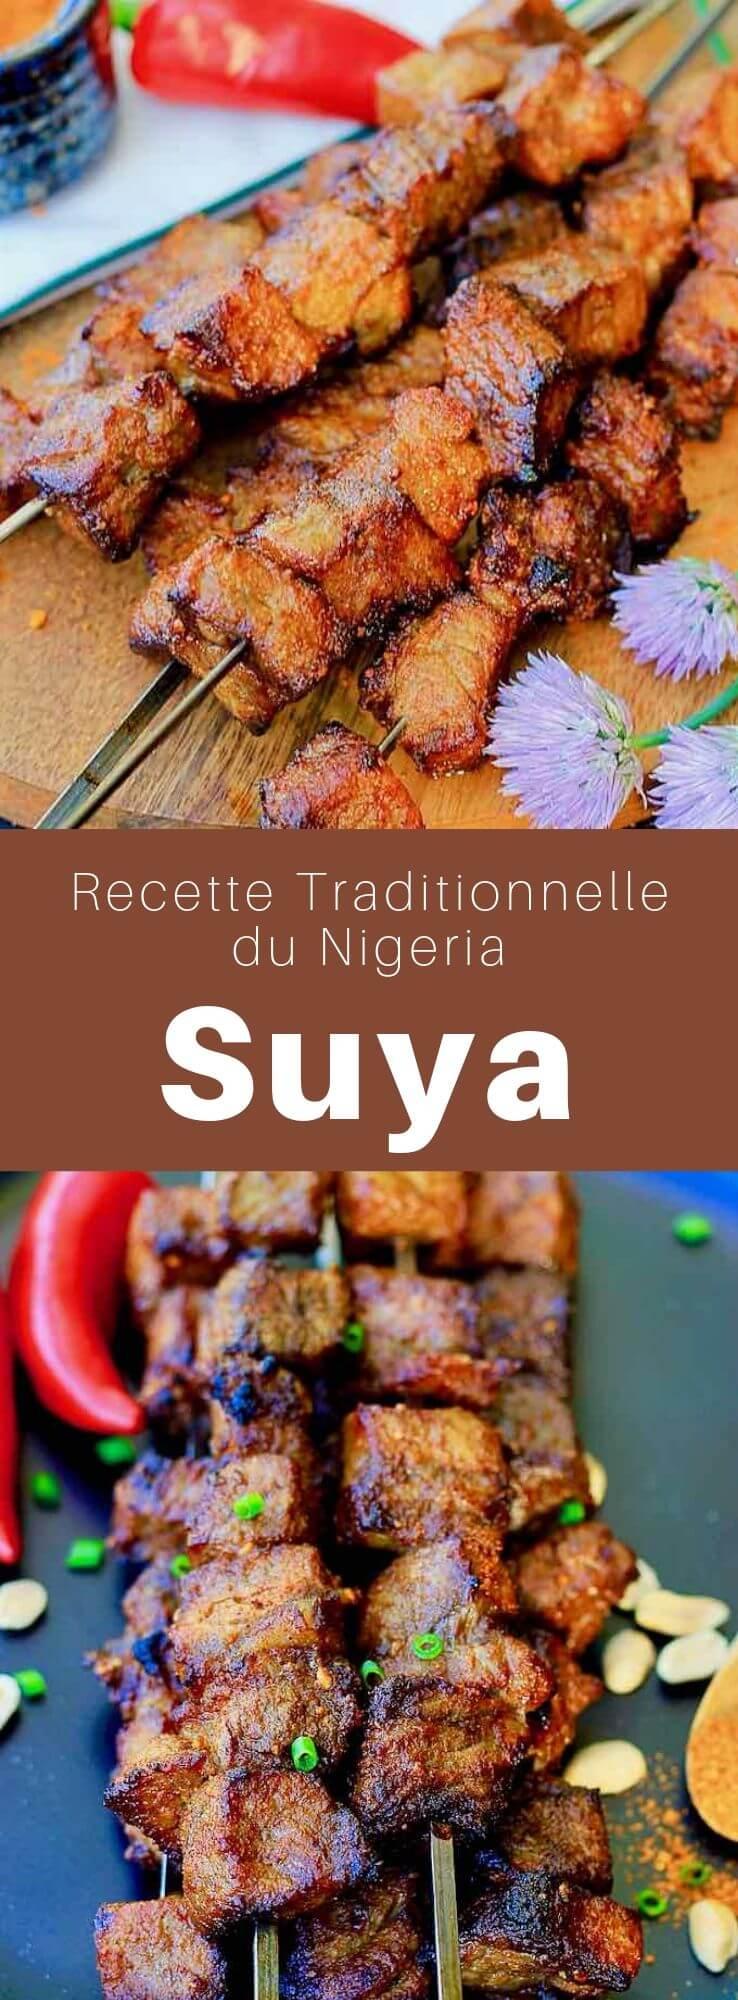 Le suya est une grillade de viande de bœuf, de mouton ou de poulet en brochettes populaire dans les rues du Ghana, du Nigeria, du Niger, du Cameroun, et du Soudan. #Nigeria #CuisineNigeriane #RecetteNigeriane #Ghana #Cameroun #Soudan #Niger #CuisineDuMonde #196flavors